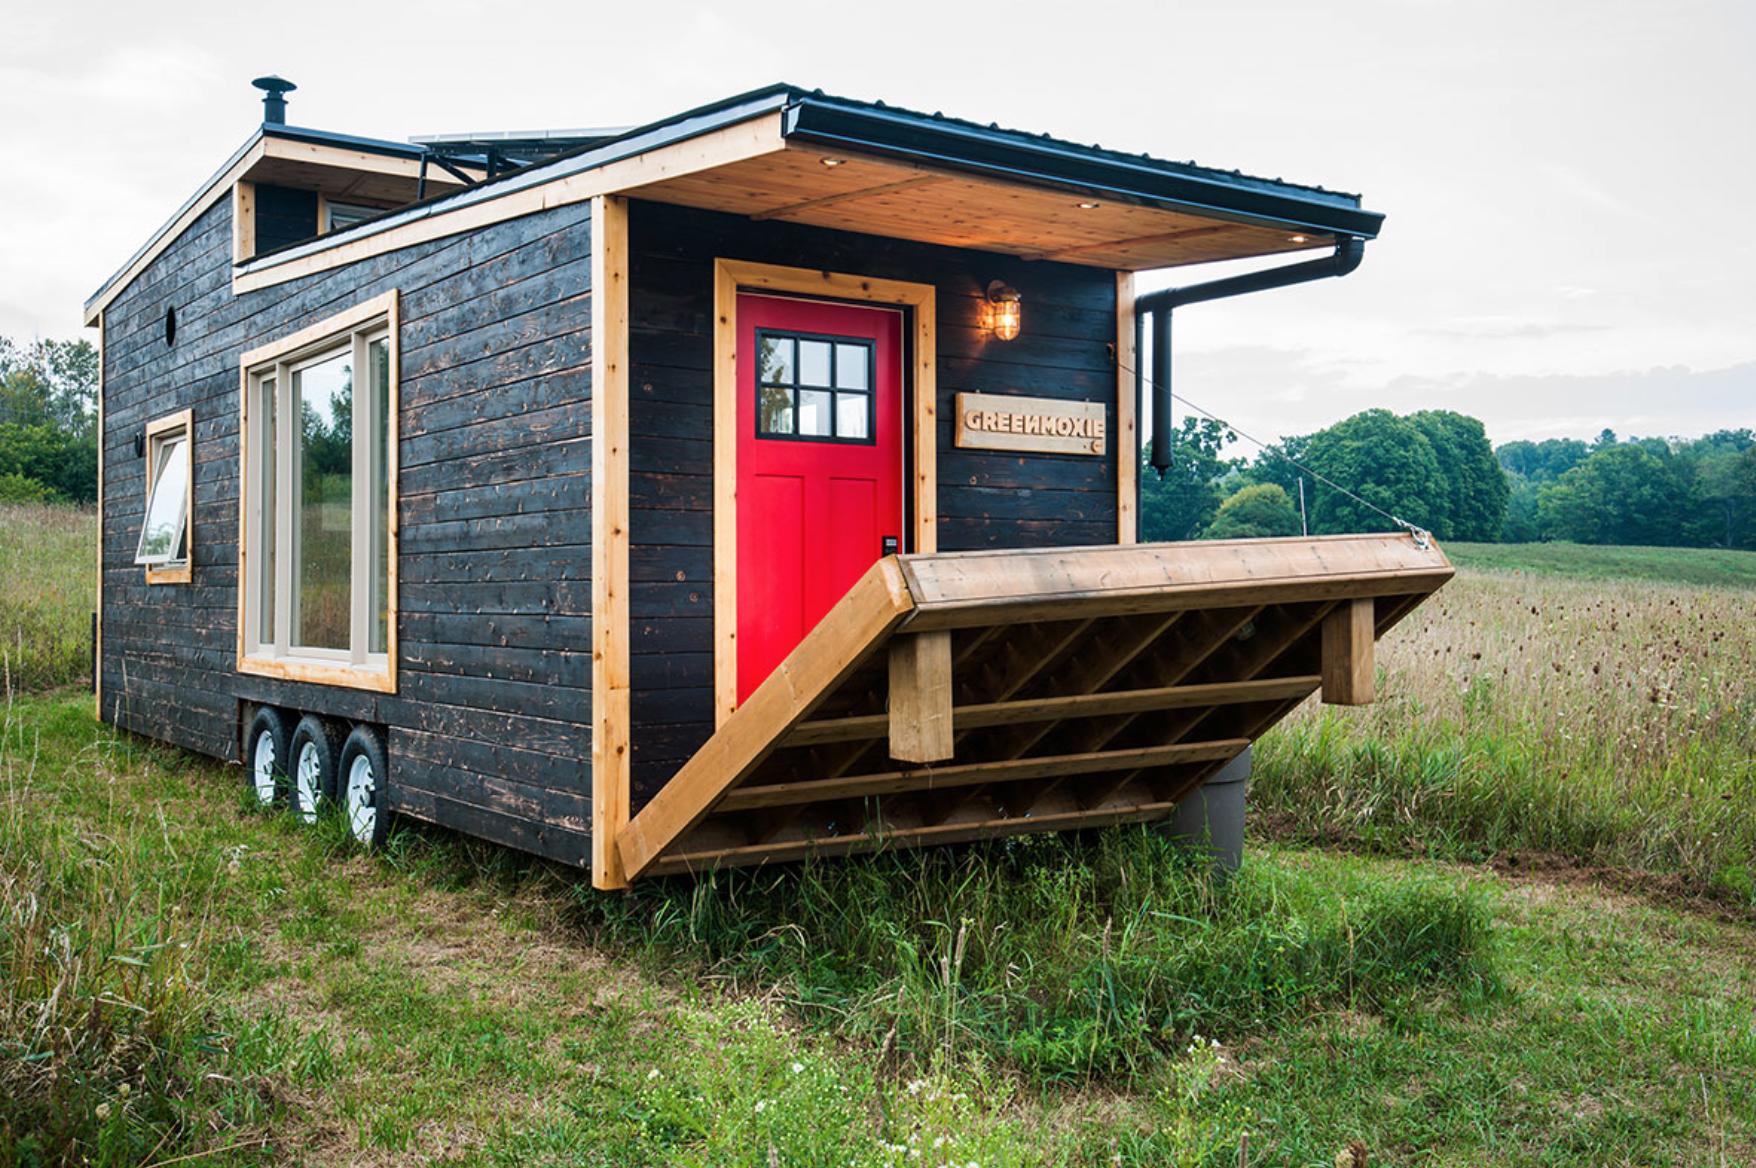 Top Tiny Homes - GreenMoxie Tiny House